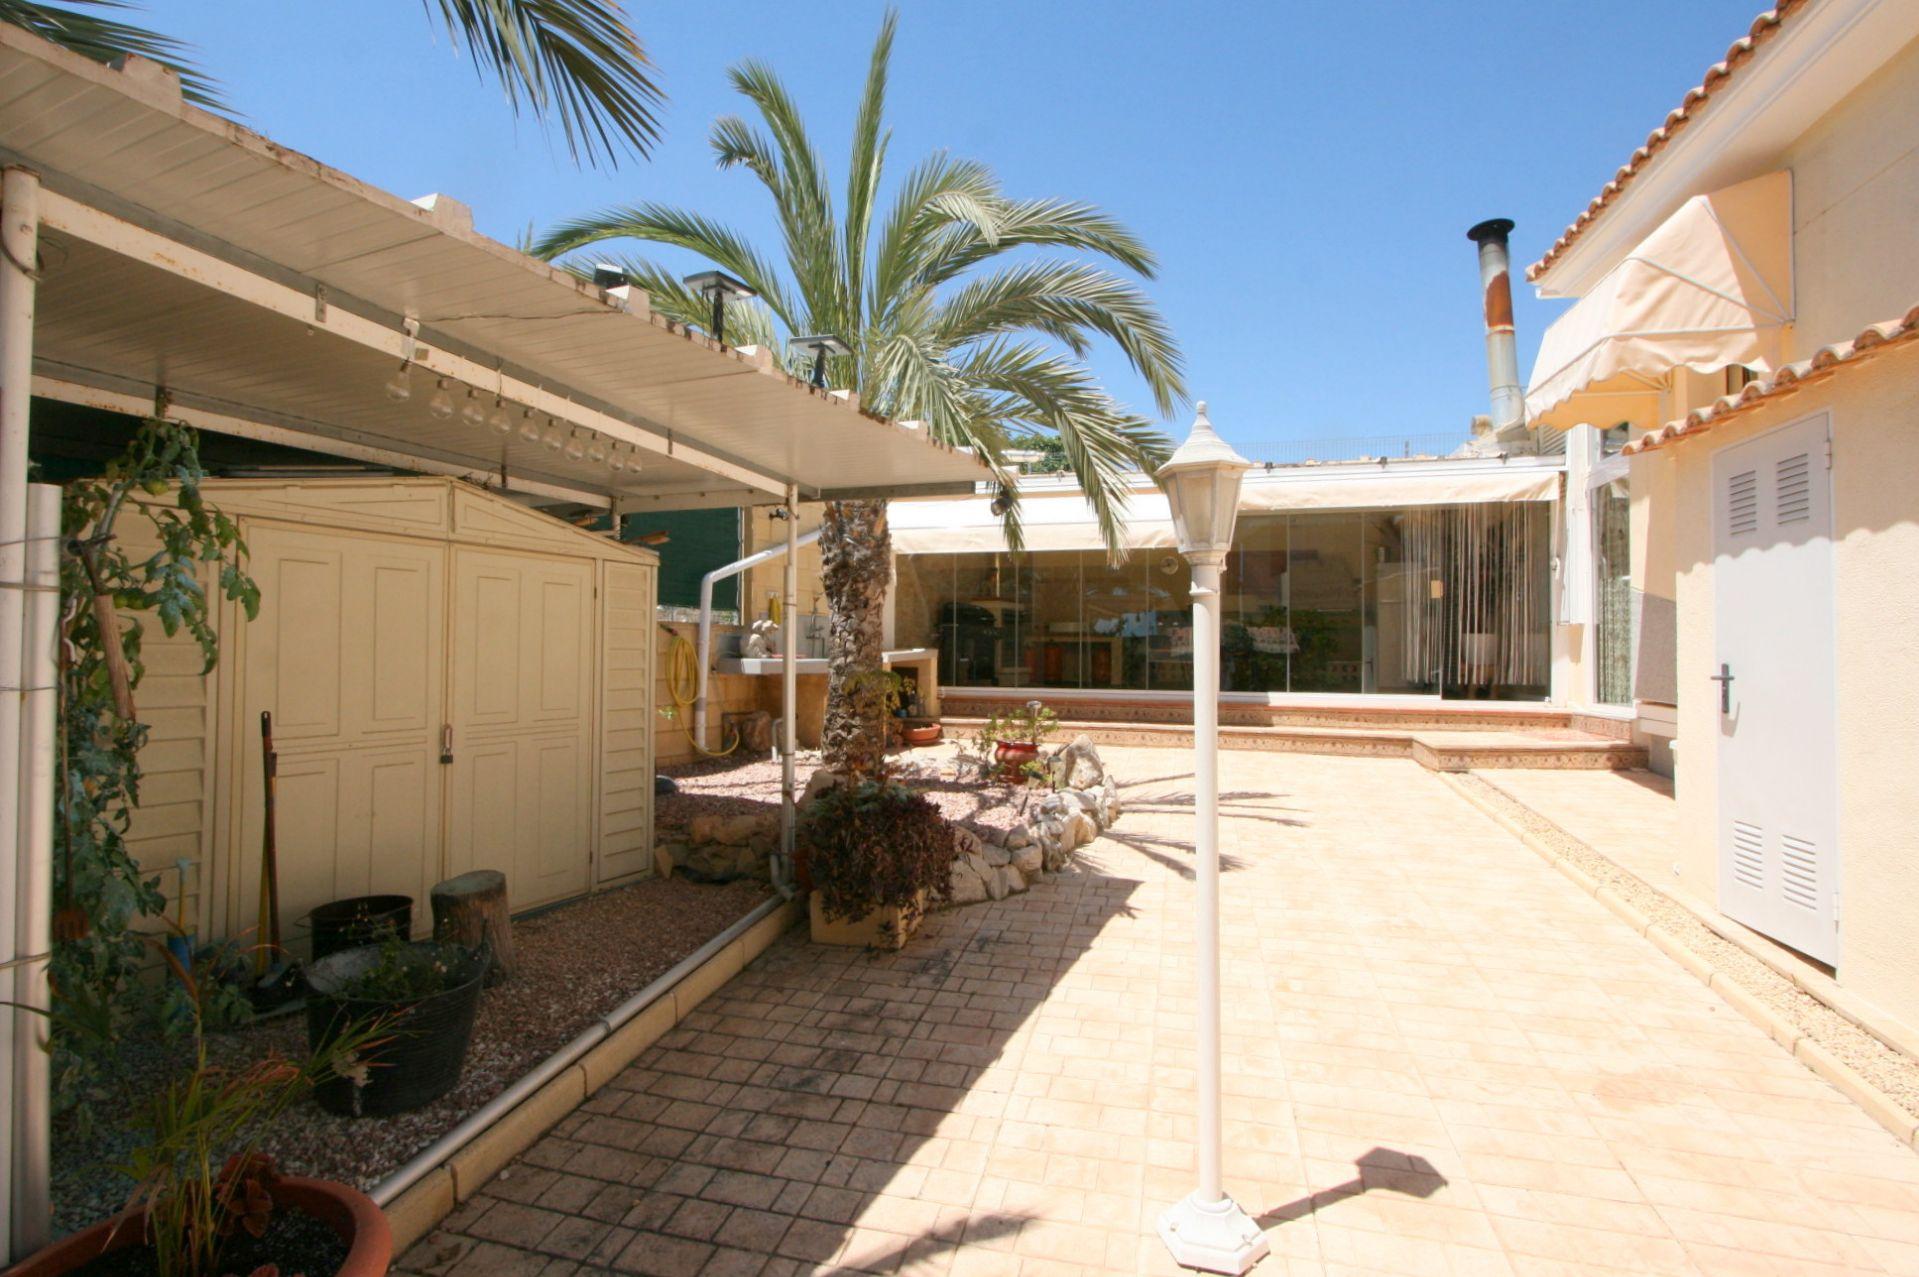 Schöne Villa in Bello Horizonte zwischen Altea und La Nucia zu verkaufen.